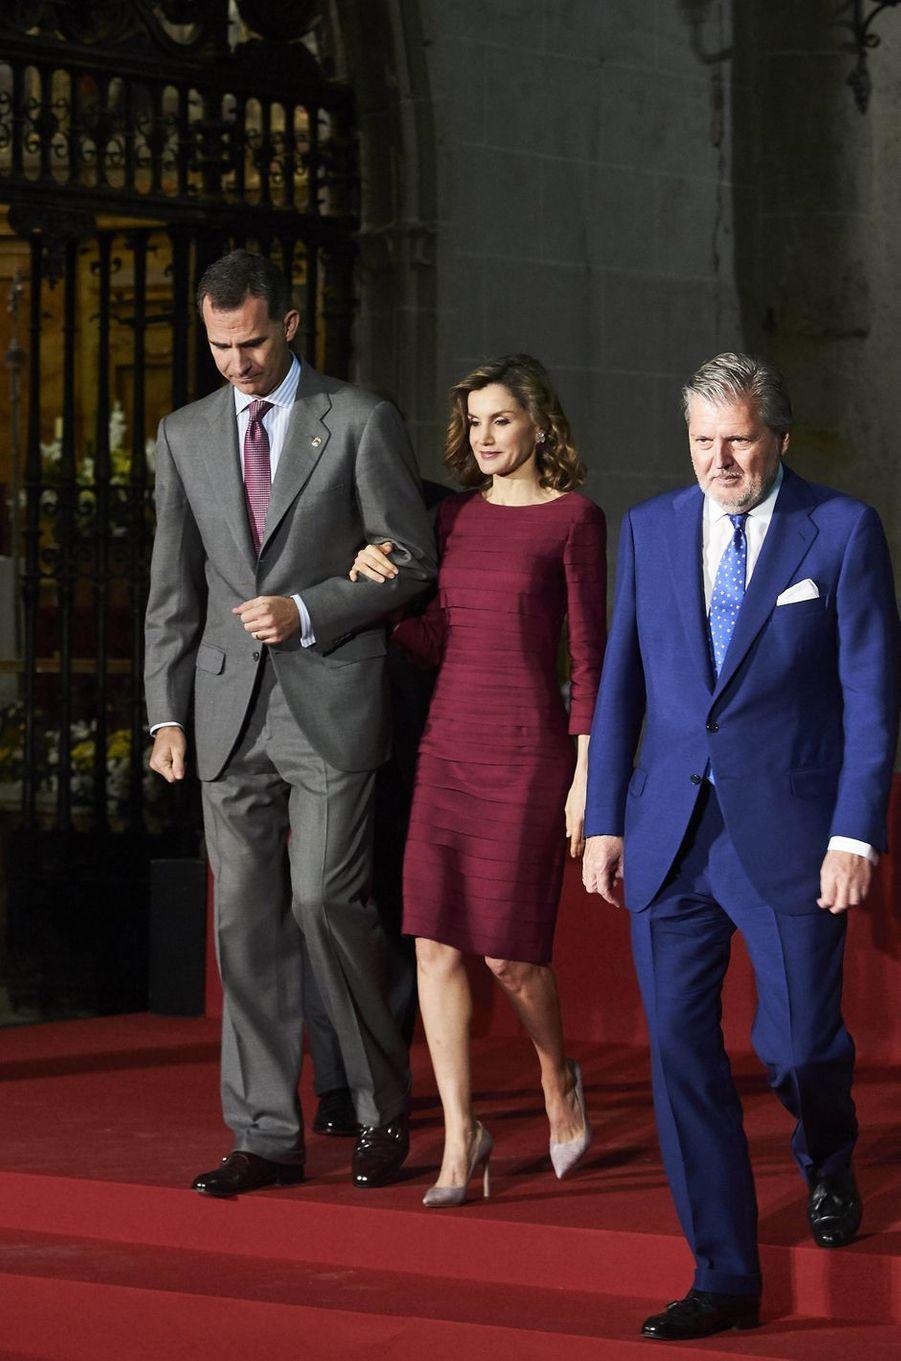 La reine Letizia et le roi Felipe VI d'Espagne à Palencia, le 1er juin 2016